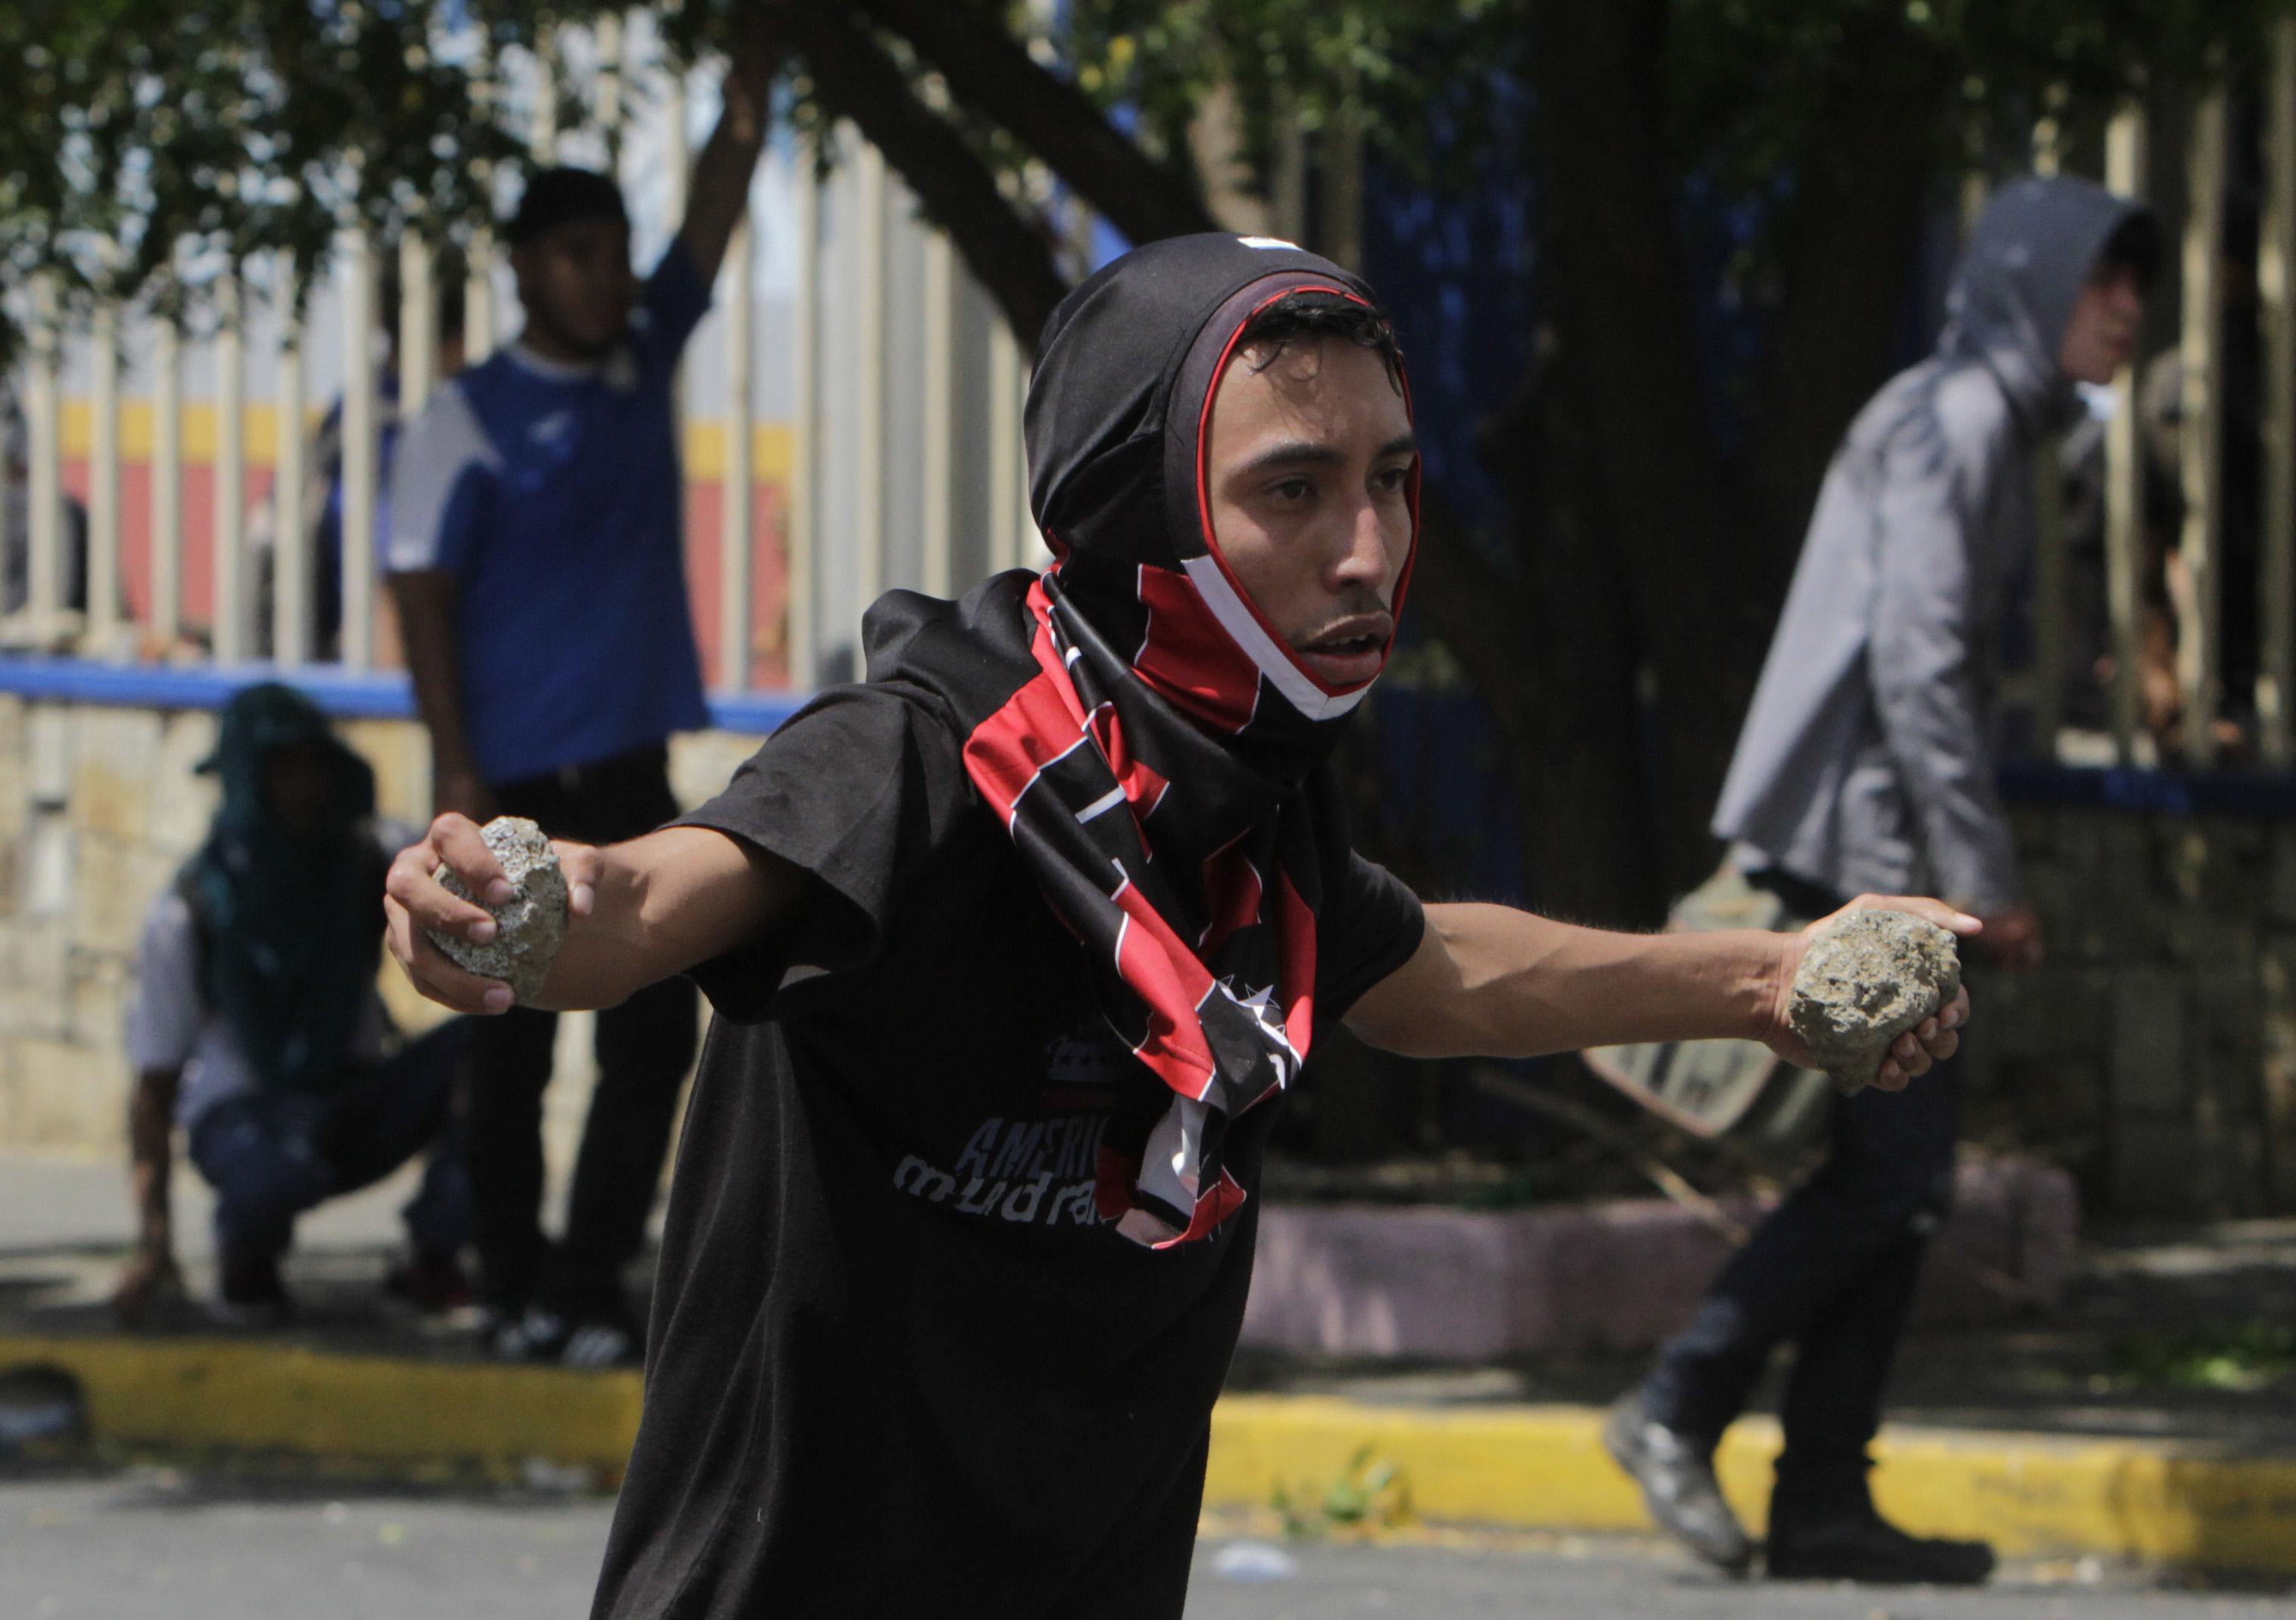 طالب فى يده الحجارة خلال الاشتباك مع قوات الأمن